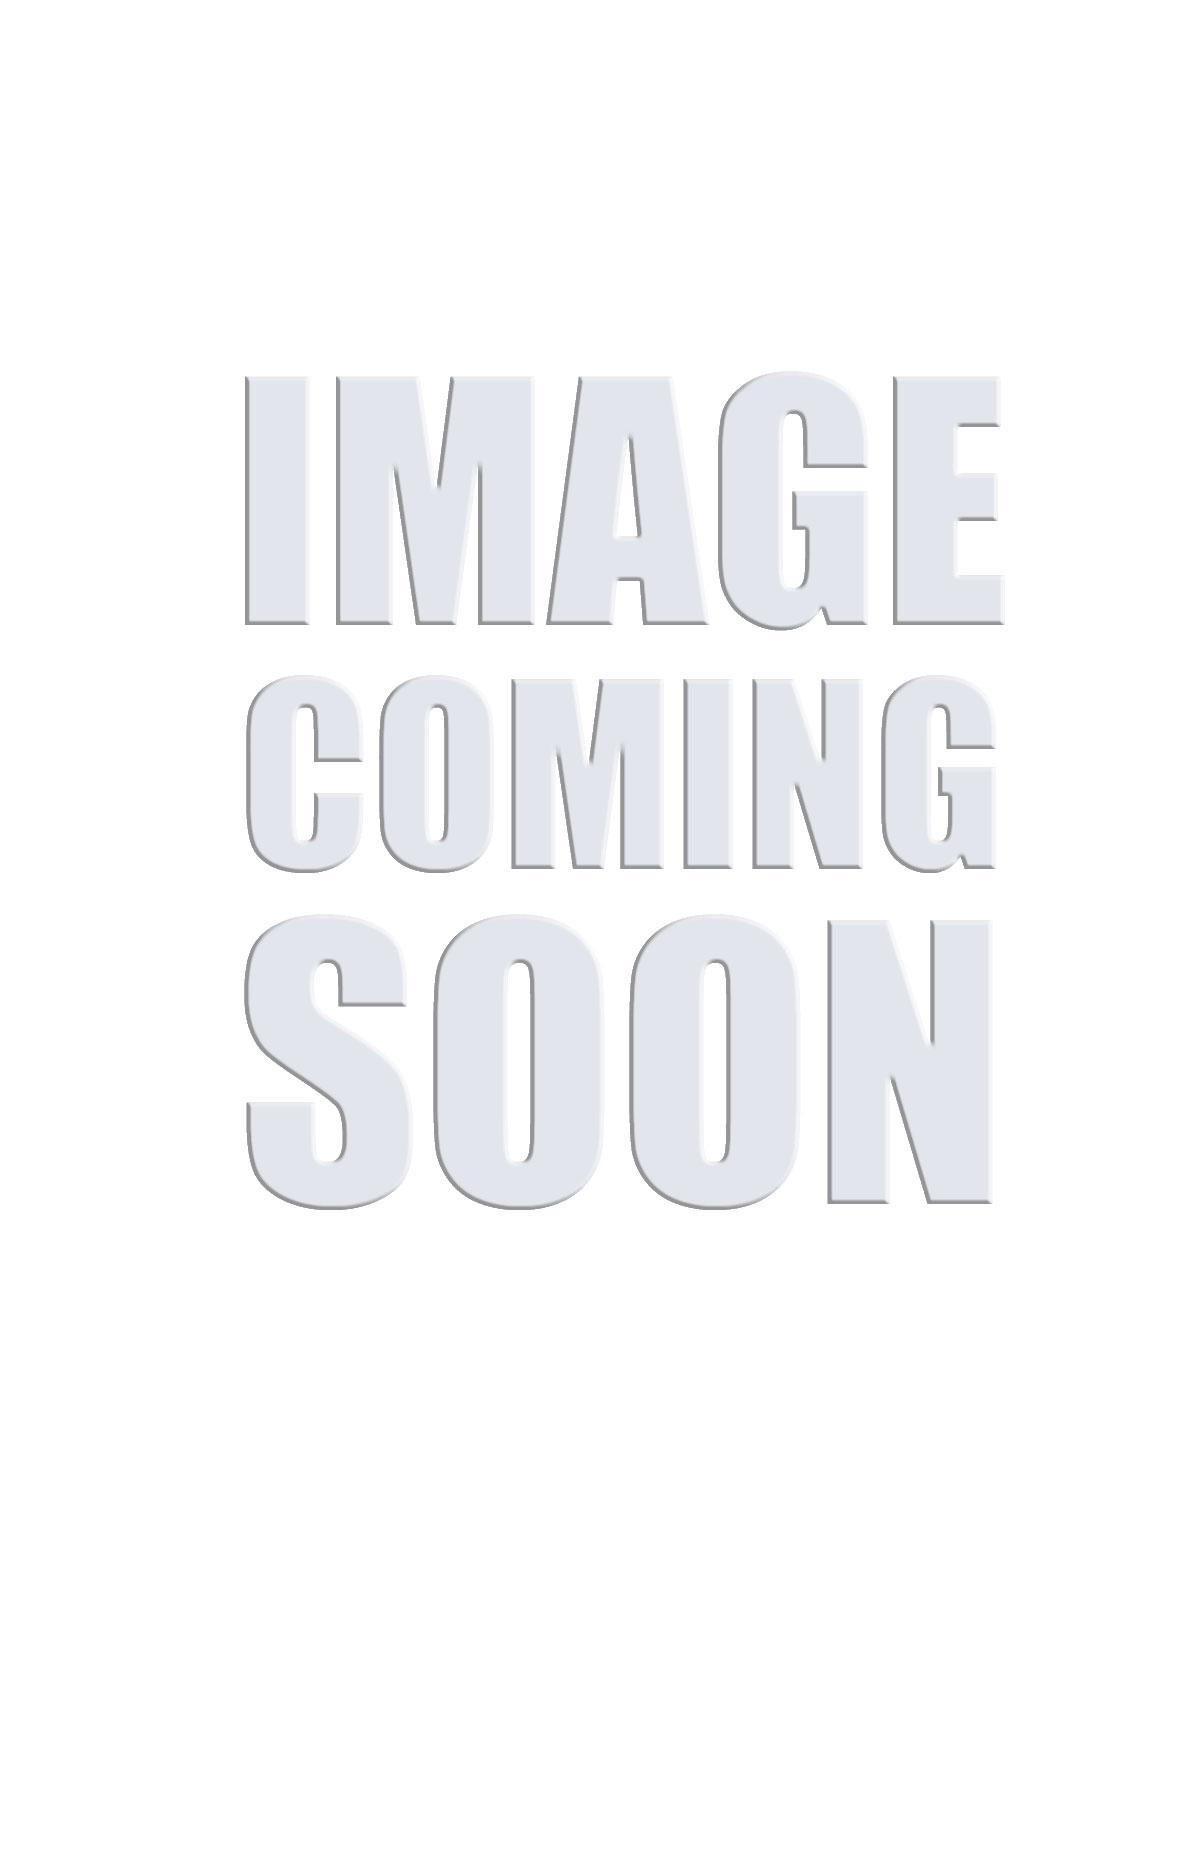 Peripheral Discharge Vacuum Motor - Lamb #116758-13, QBP, B/B, AS, 2 STG